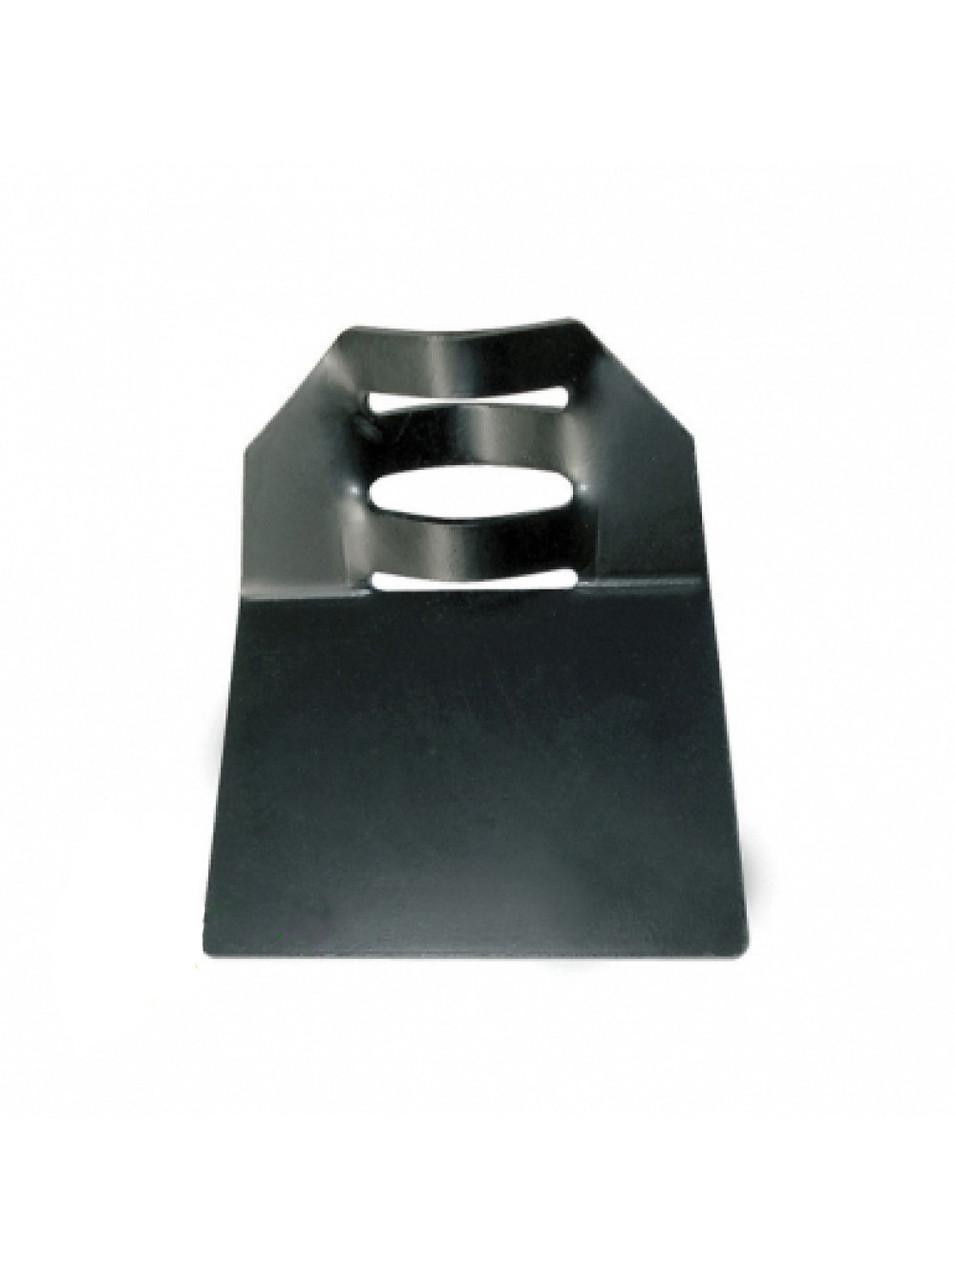 Чистик диска сошника посилений John Deere, A62182 / A32637